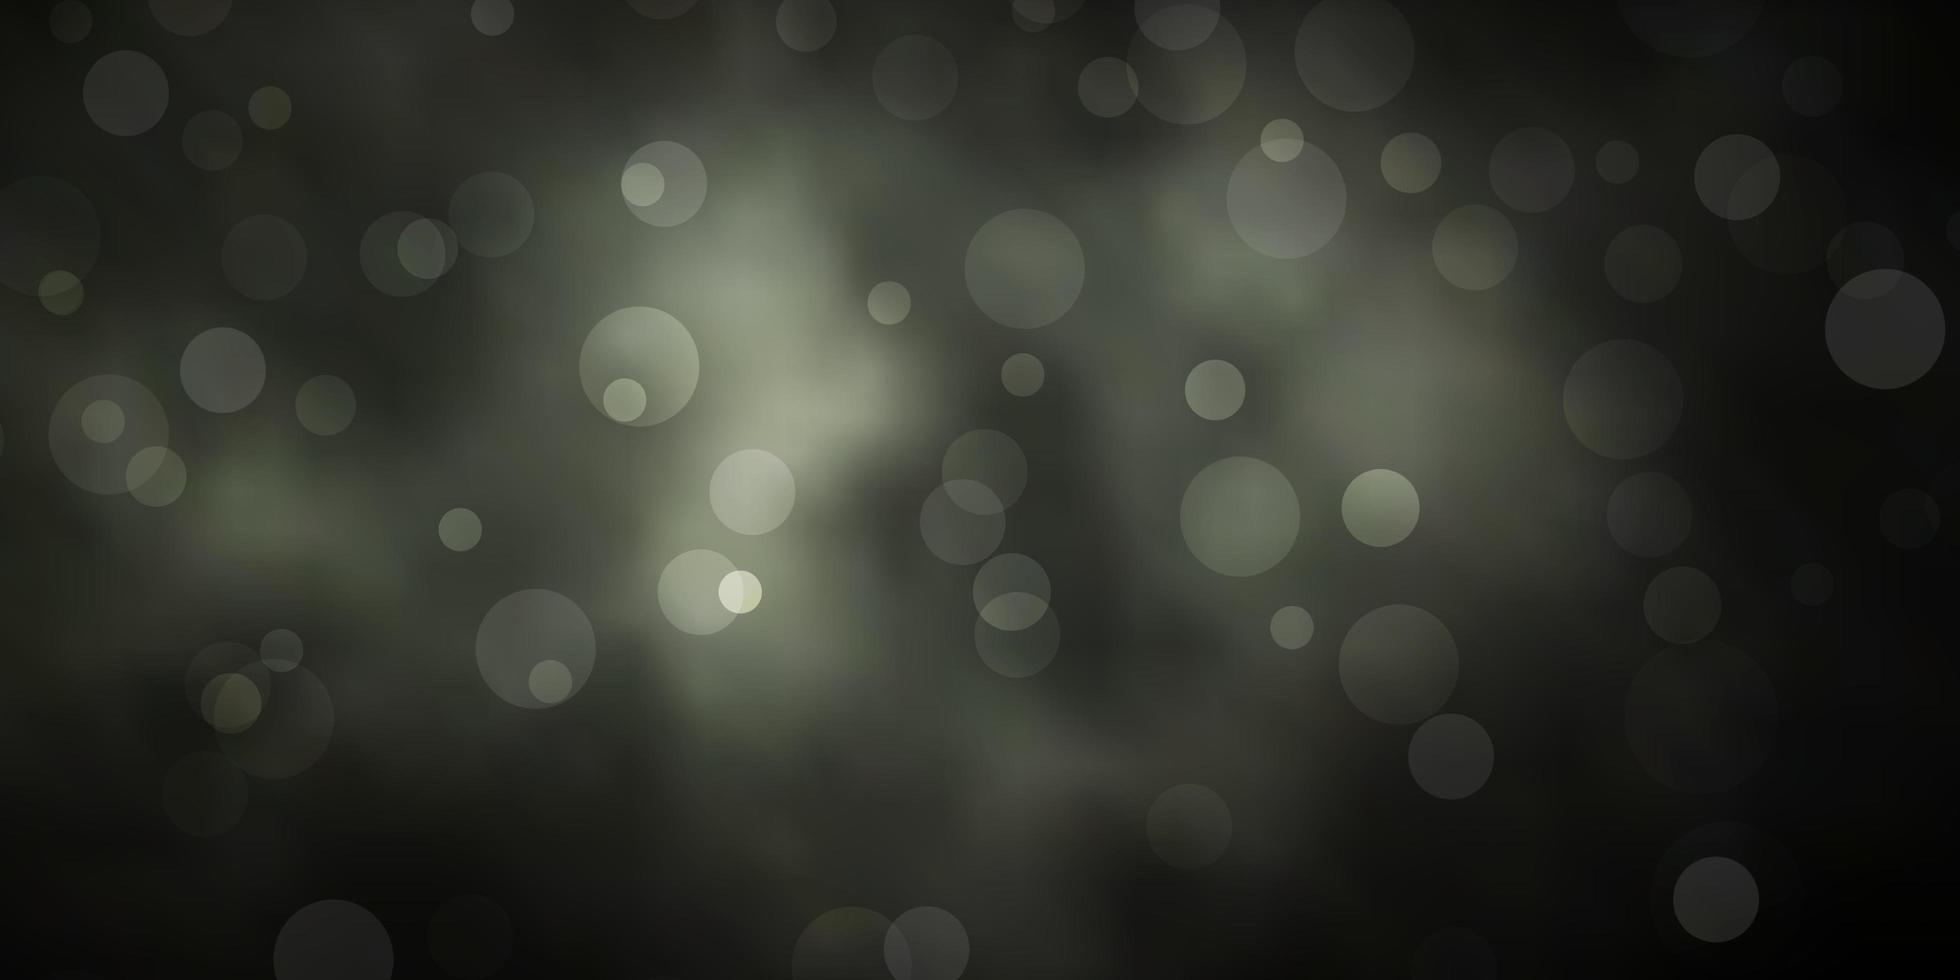 struttura di vettore grigio scuro con cerchi.